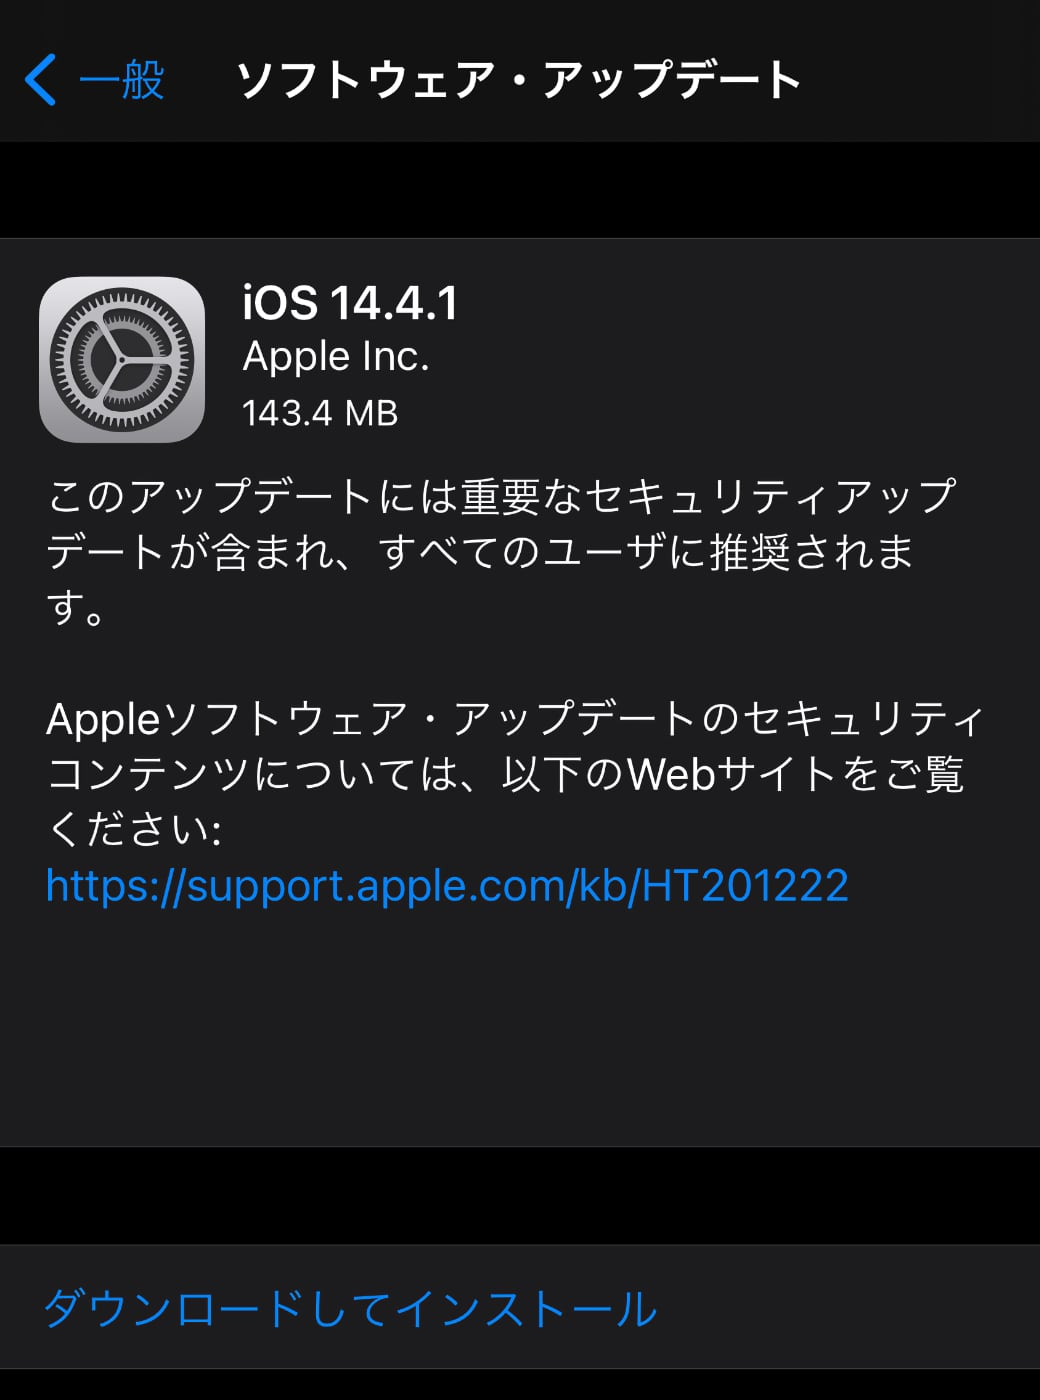 Apple、「iOS 14.4.1」をリリース ‒ 重要なセキュリティアップデート